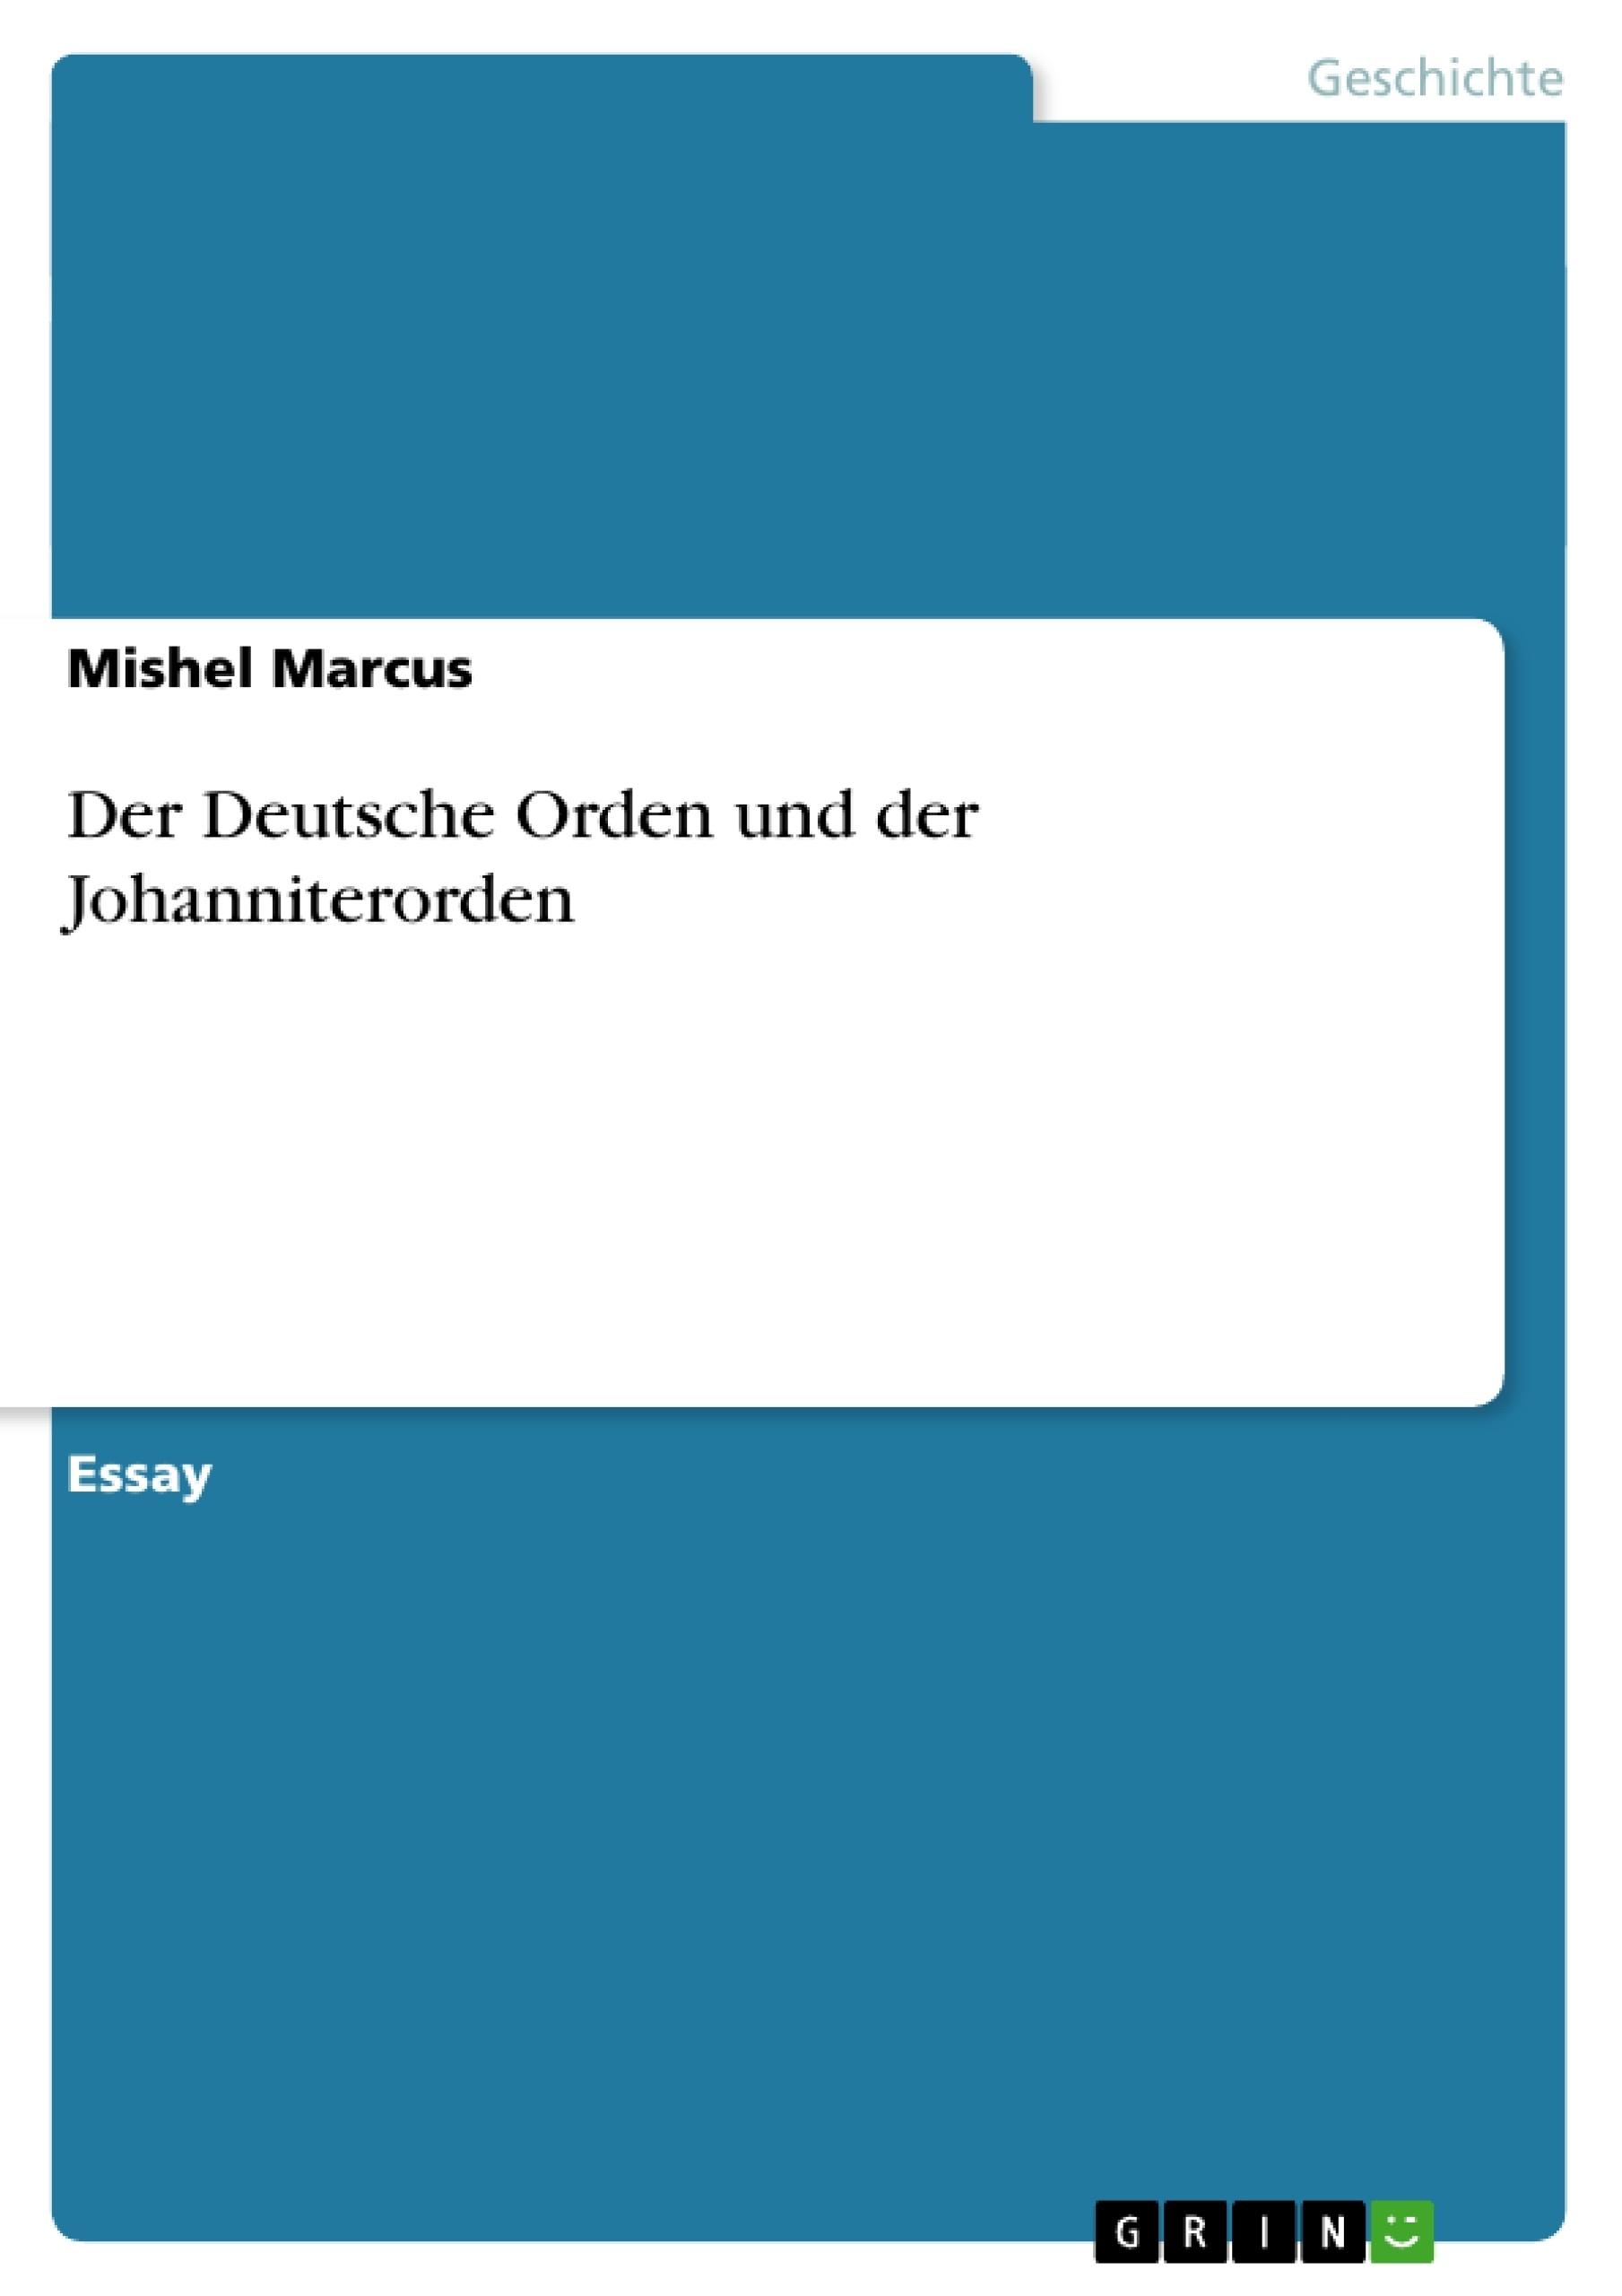 Titel: Der Deutsche Orden und der Johanniterorden